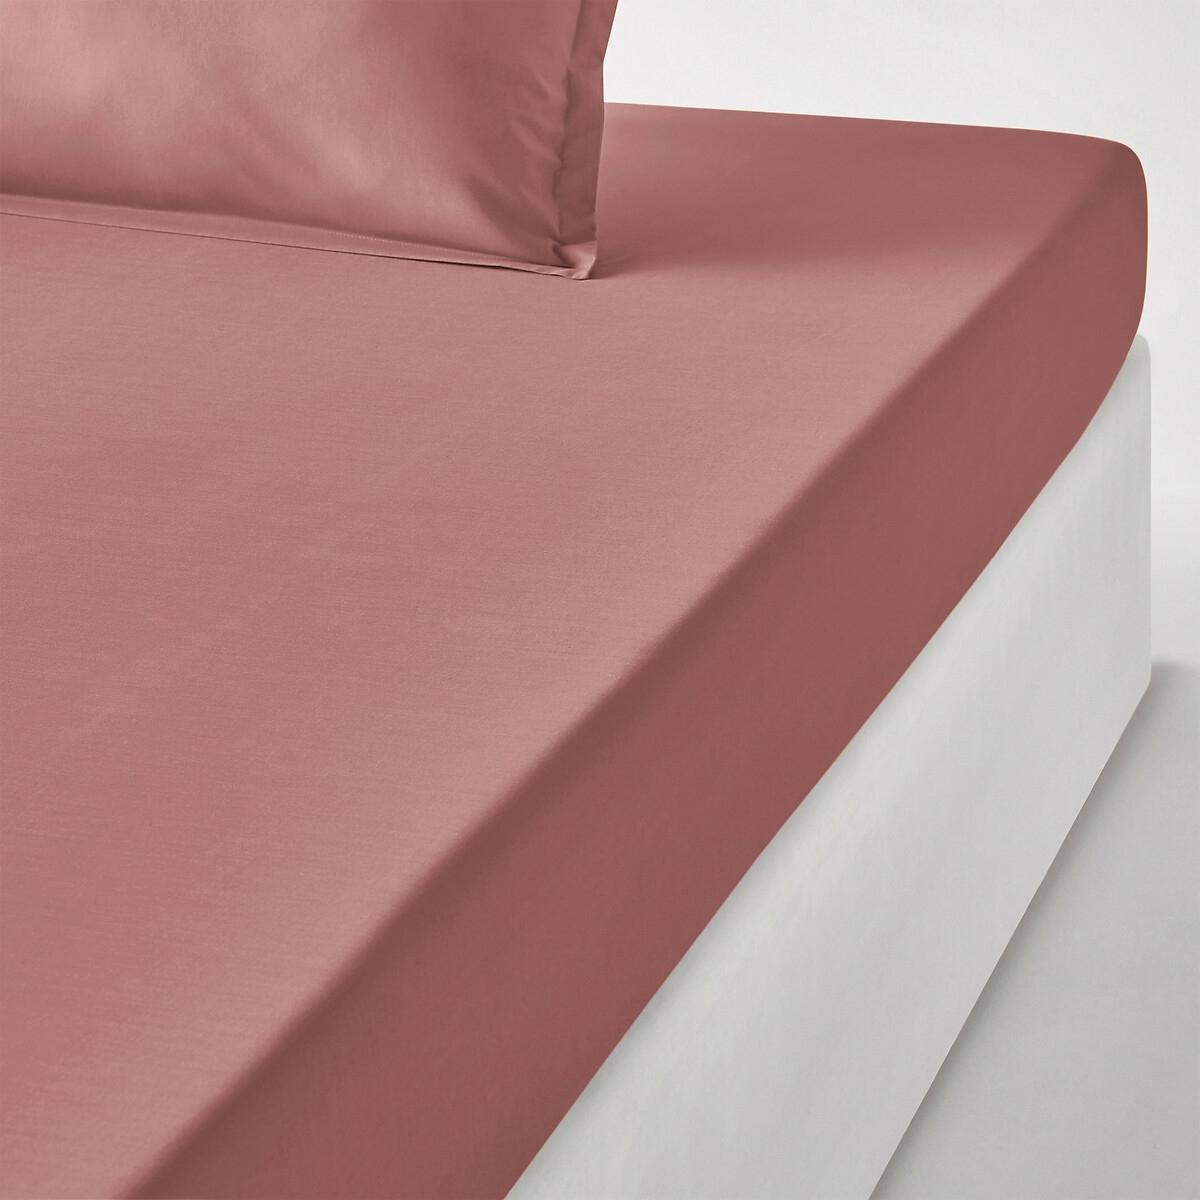 Простыня LaRedoute Натяжная детская из хлопковой перкали качество Qualit Best 90 x 200 см розовый